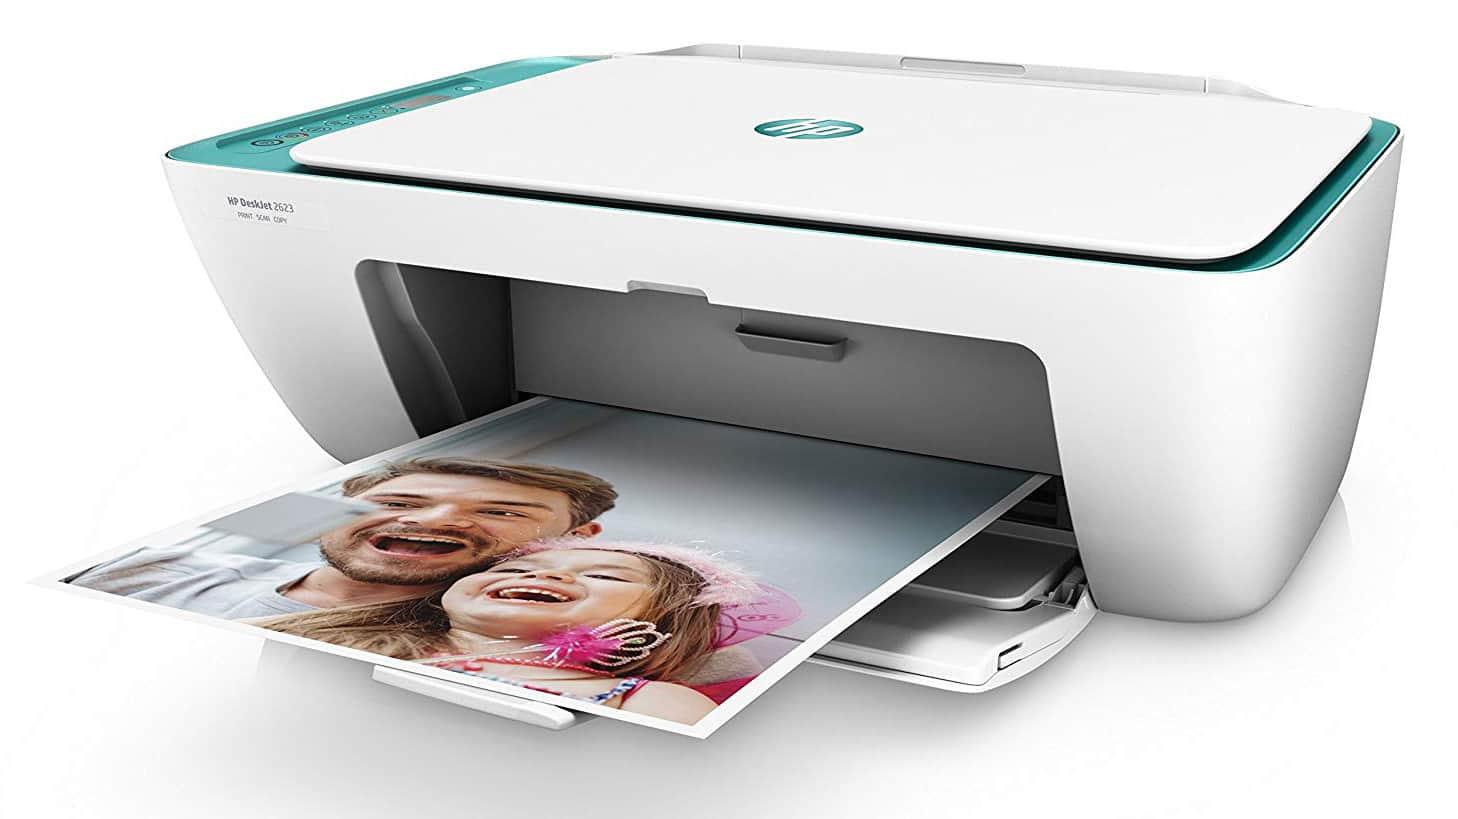 HP Deskjet 2621 | Best Printer for Home Use